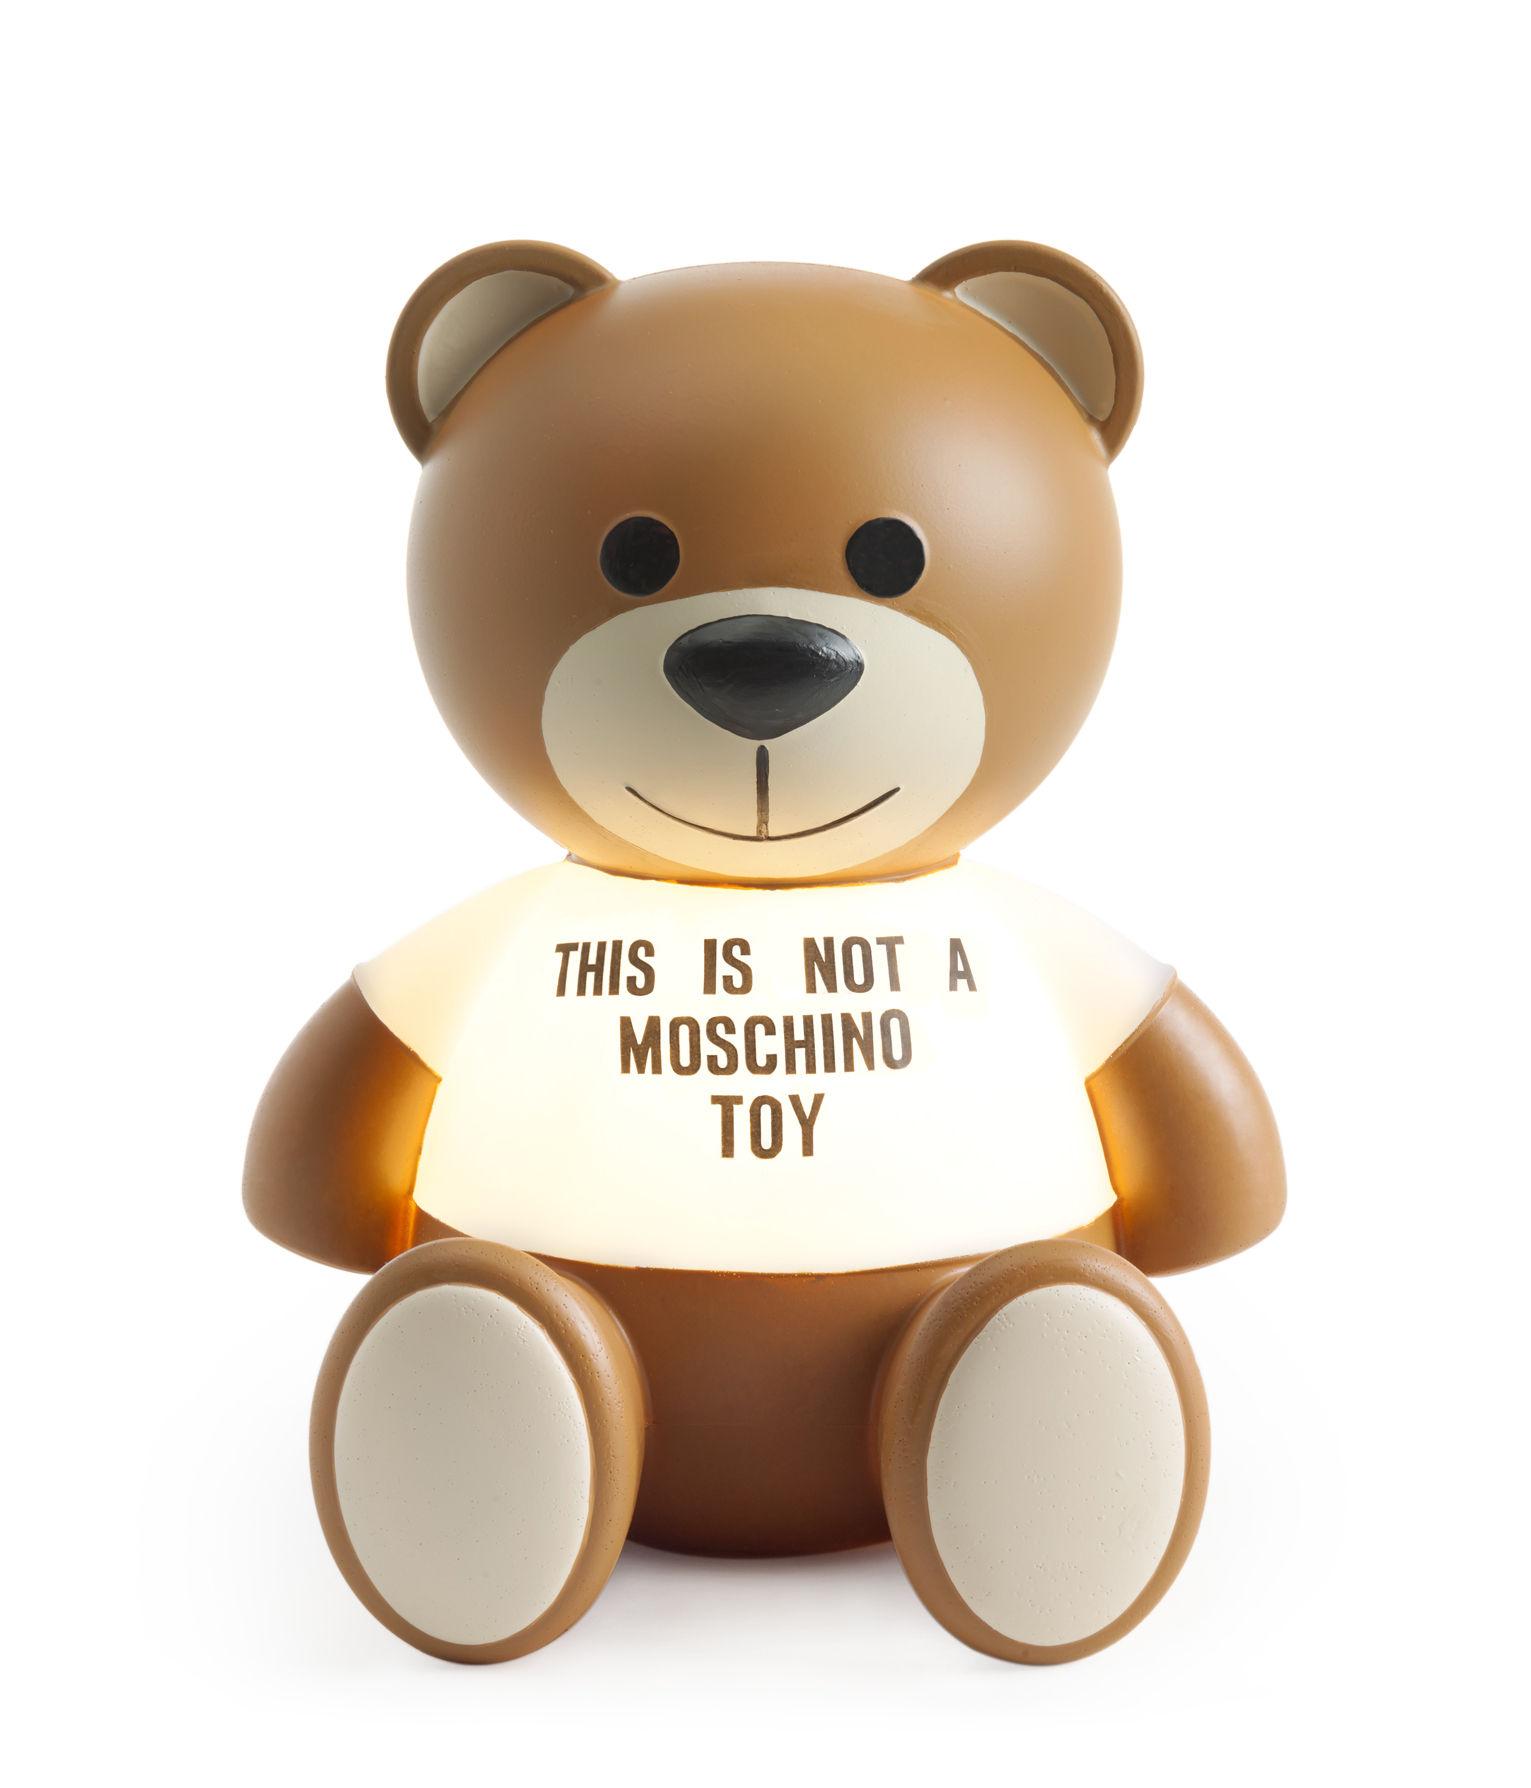 Déco - Pour les enfants - Lampe de table Toy Moschino / Polyéthylène - Kartell - Marron & transparent - Polyéthylène peint